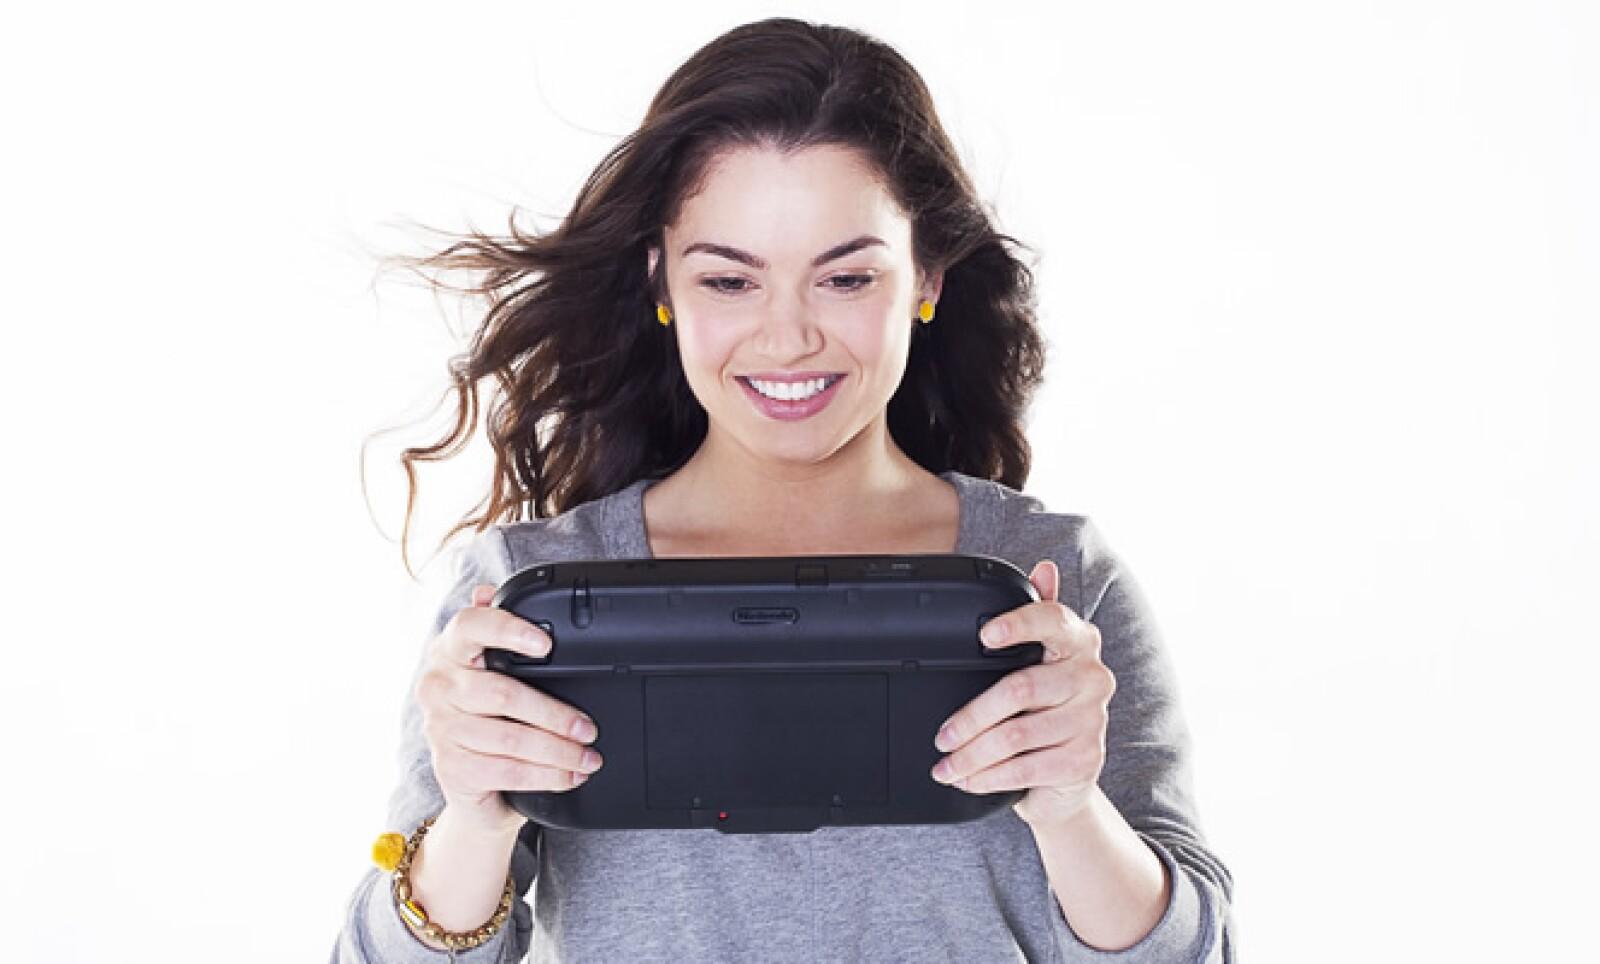 Netflix, Amazon, YouTube y Hulu están desarrollando aplicaciones para Wii U que aprovechan la experiencia que ofrece la segunda pantalla integrada.